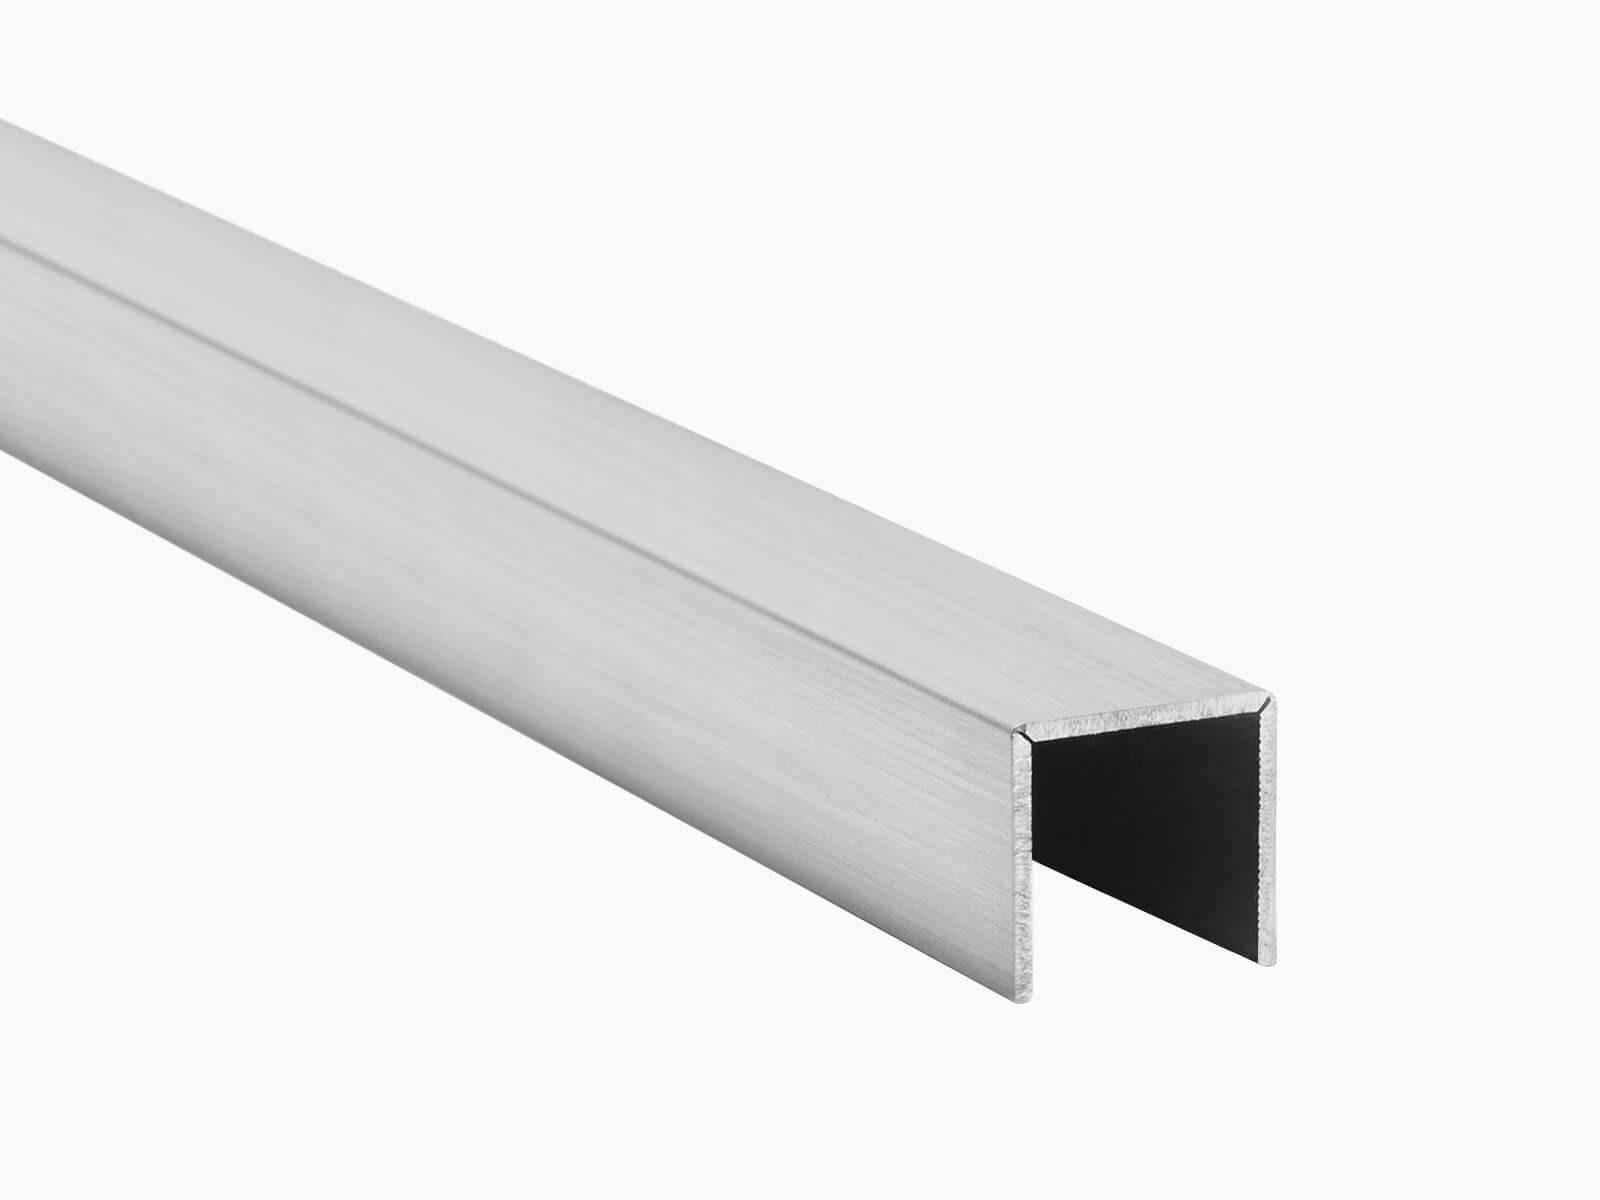 Kantenschutz für Glasgeländer FORMAL schützt vor Delaminierung und Stoß in Edelstahloptik